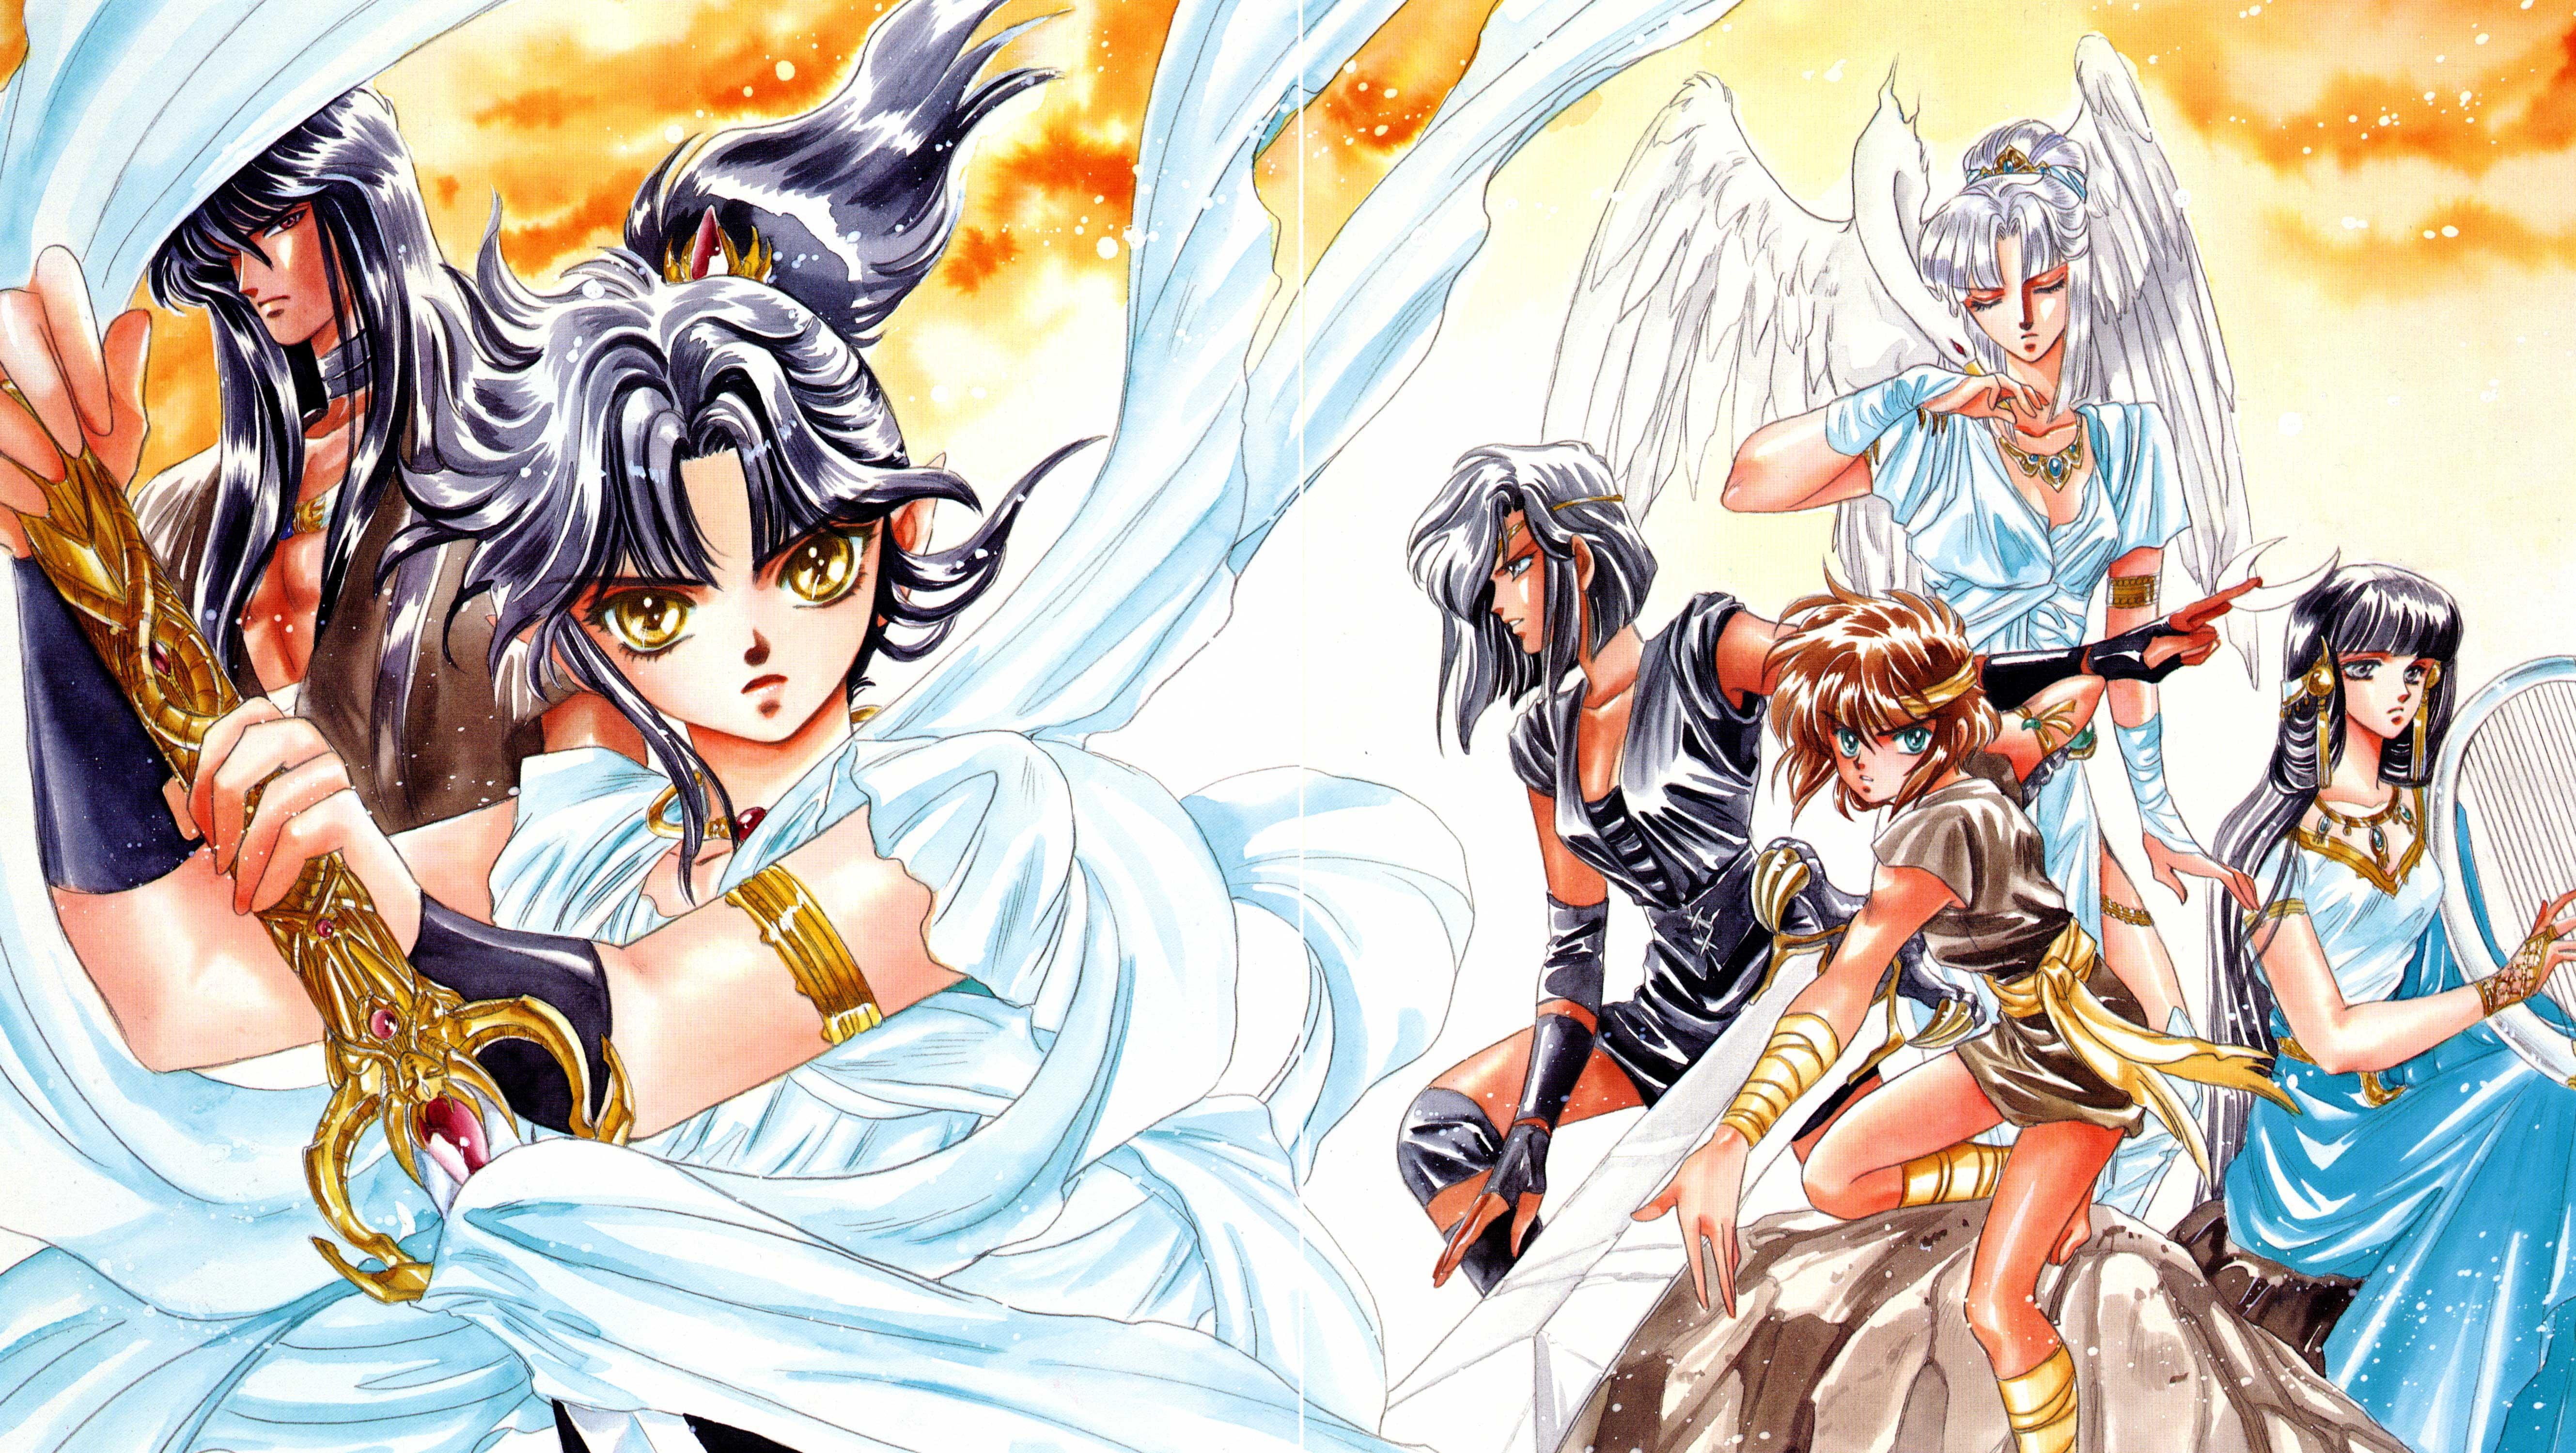 Karyoubinga rg veda zerochan anime image board for Zerochan anime